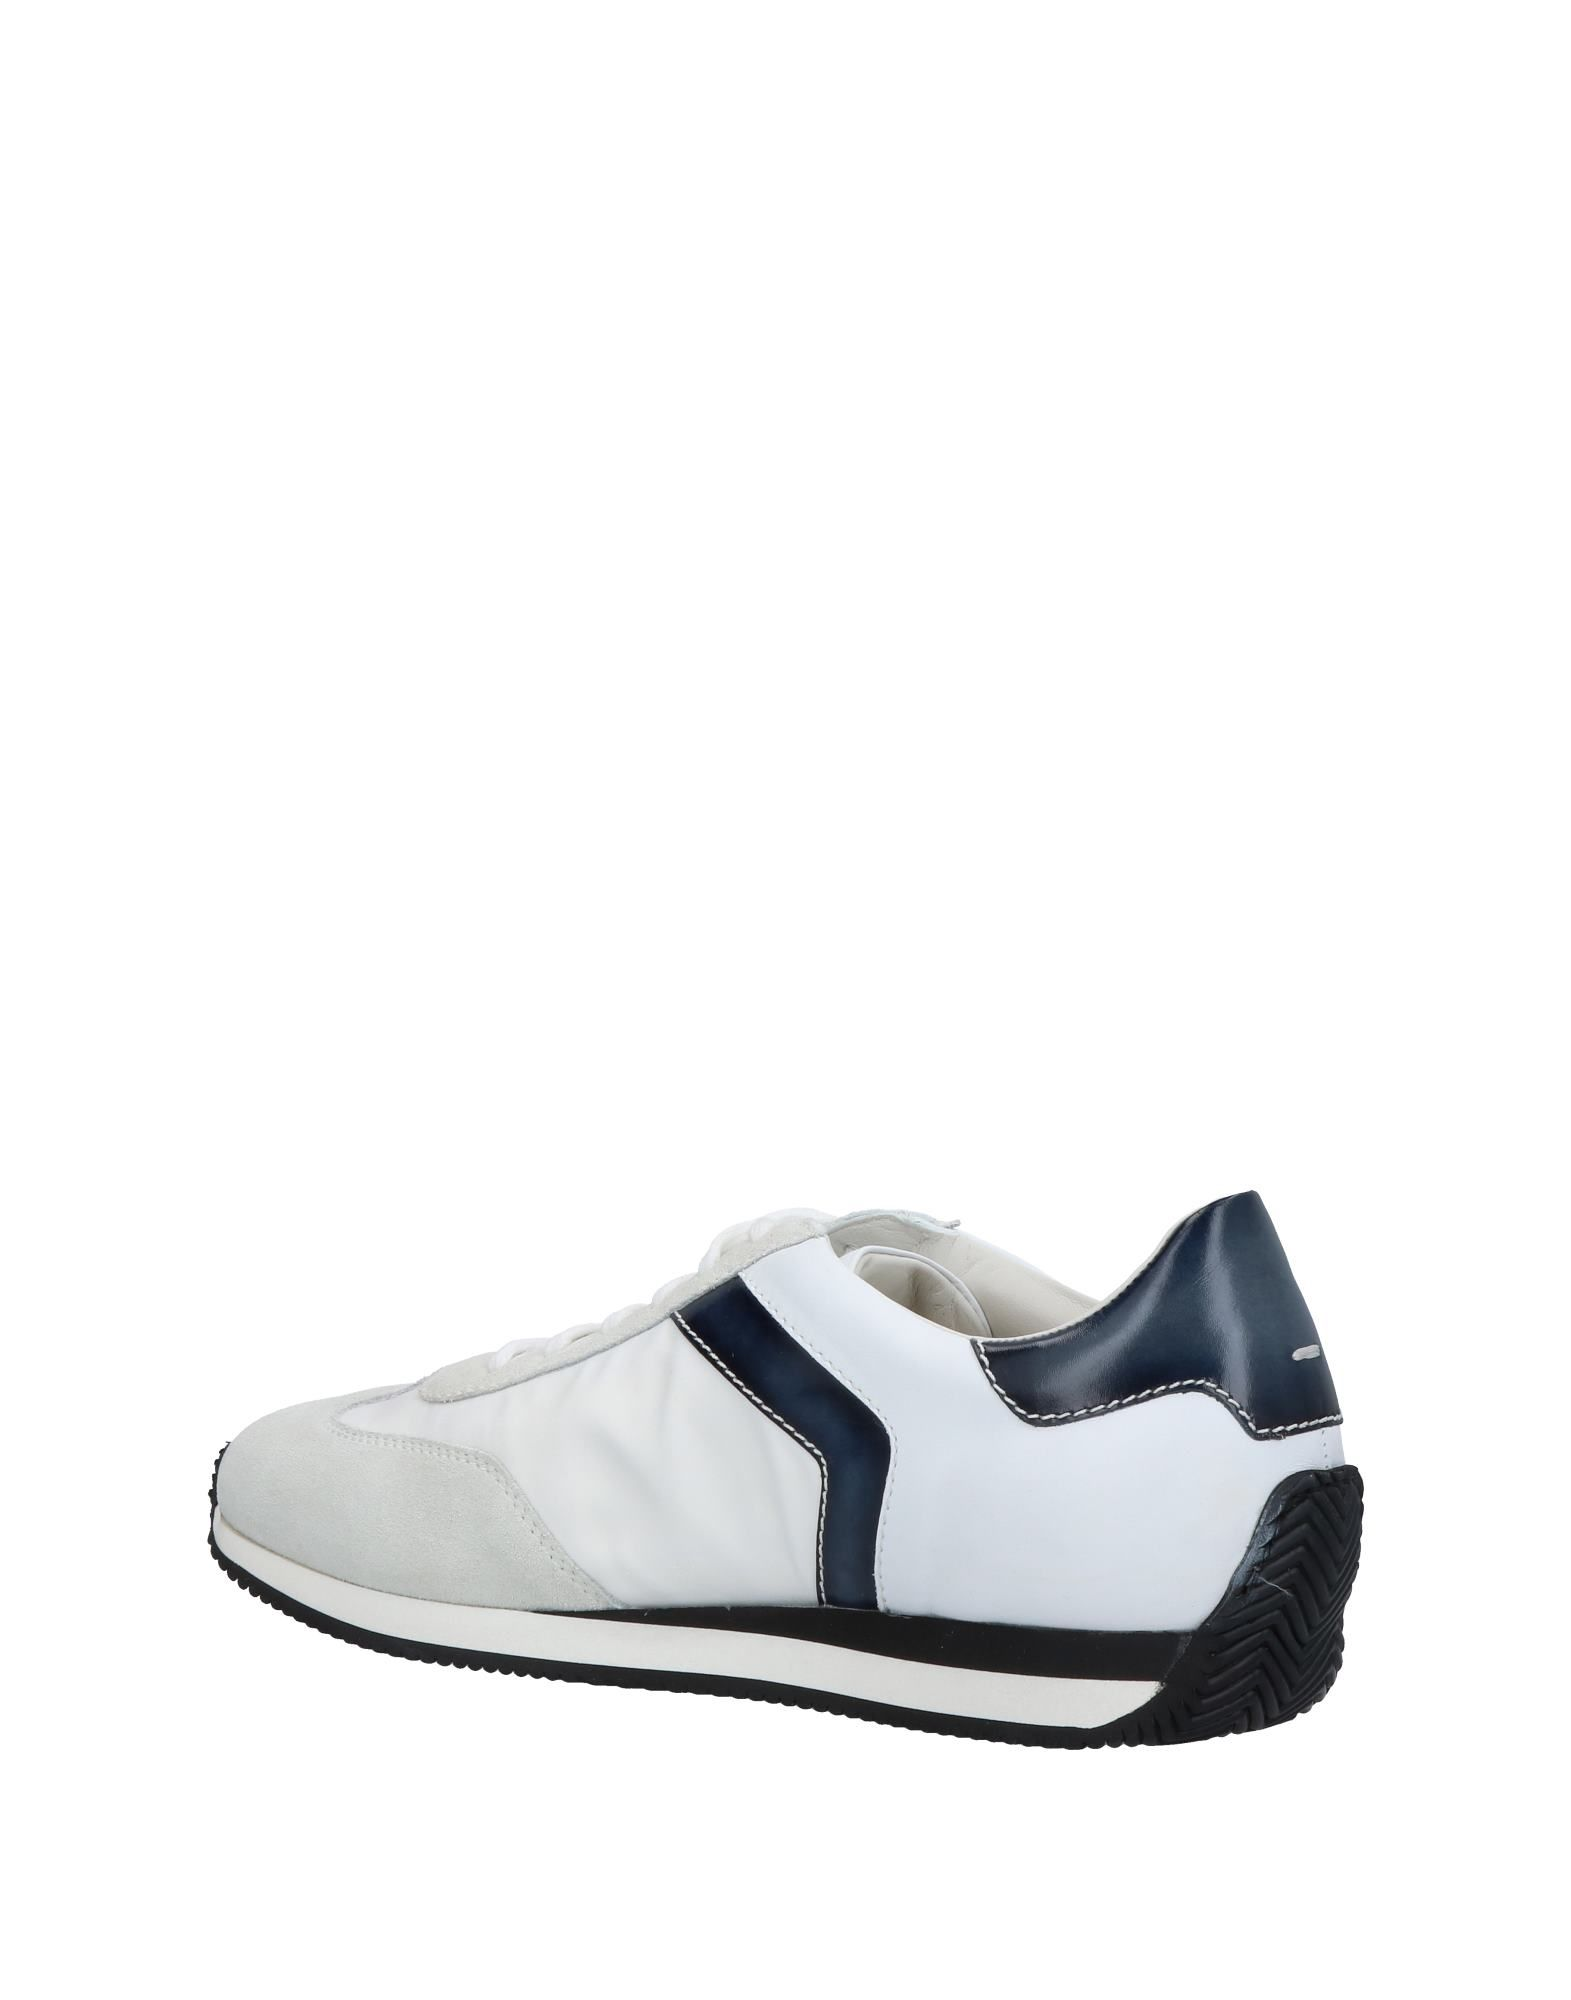 Santoni Santoni Santoni Sneakers Herren  11410216TF Heiße Schuhe 8ecaff